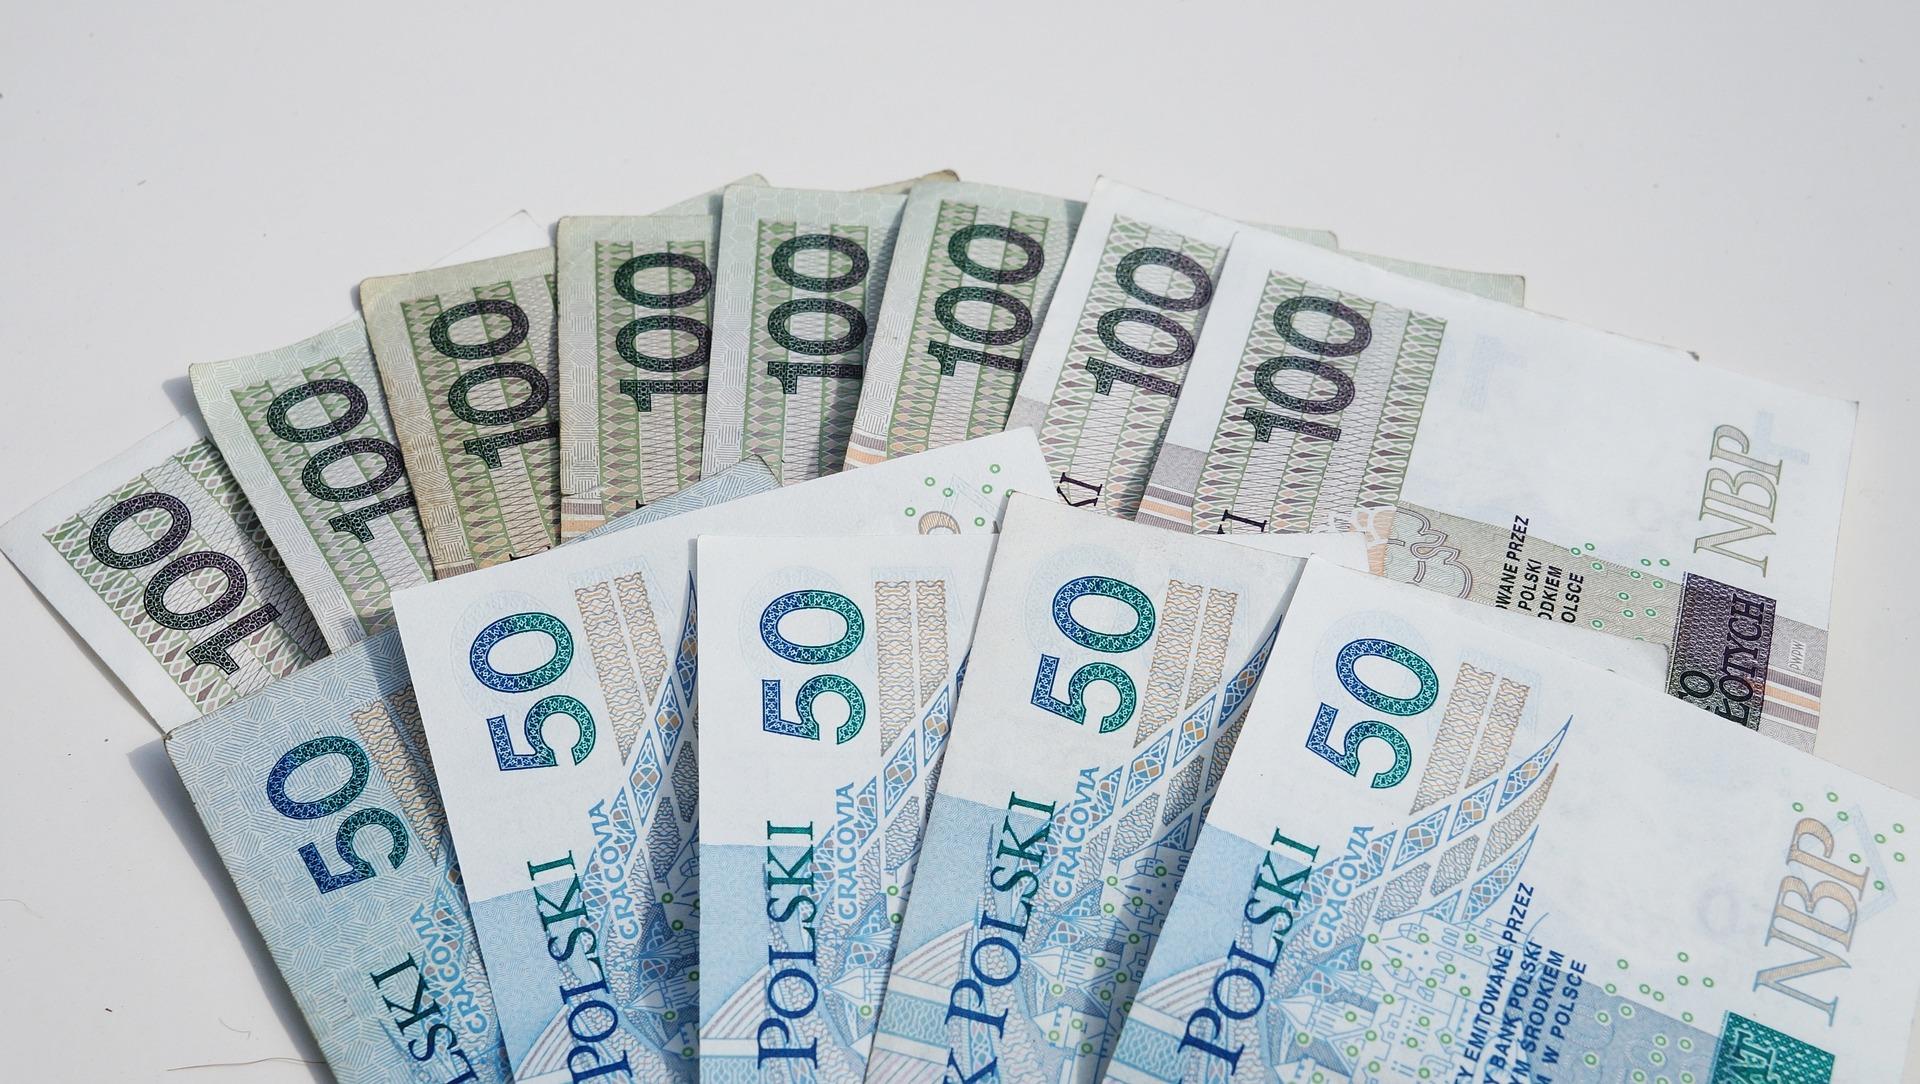 Gmina Niwiska. Sprawdź, jakie inwestycje zrezalizują sołectwa w ramach funduszu sołeckiego  - Zdjęcie główne